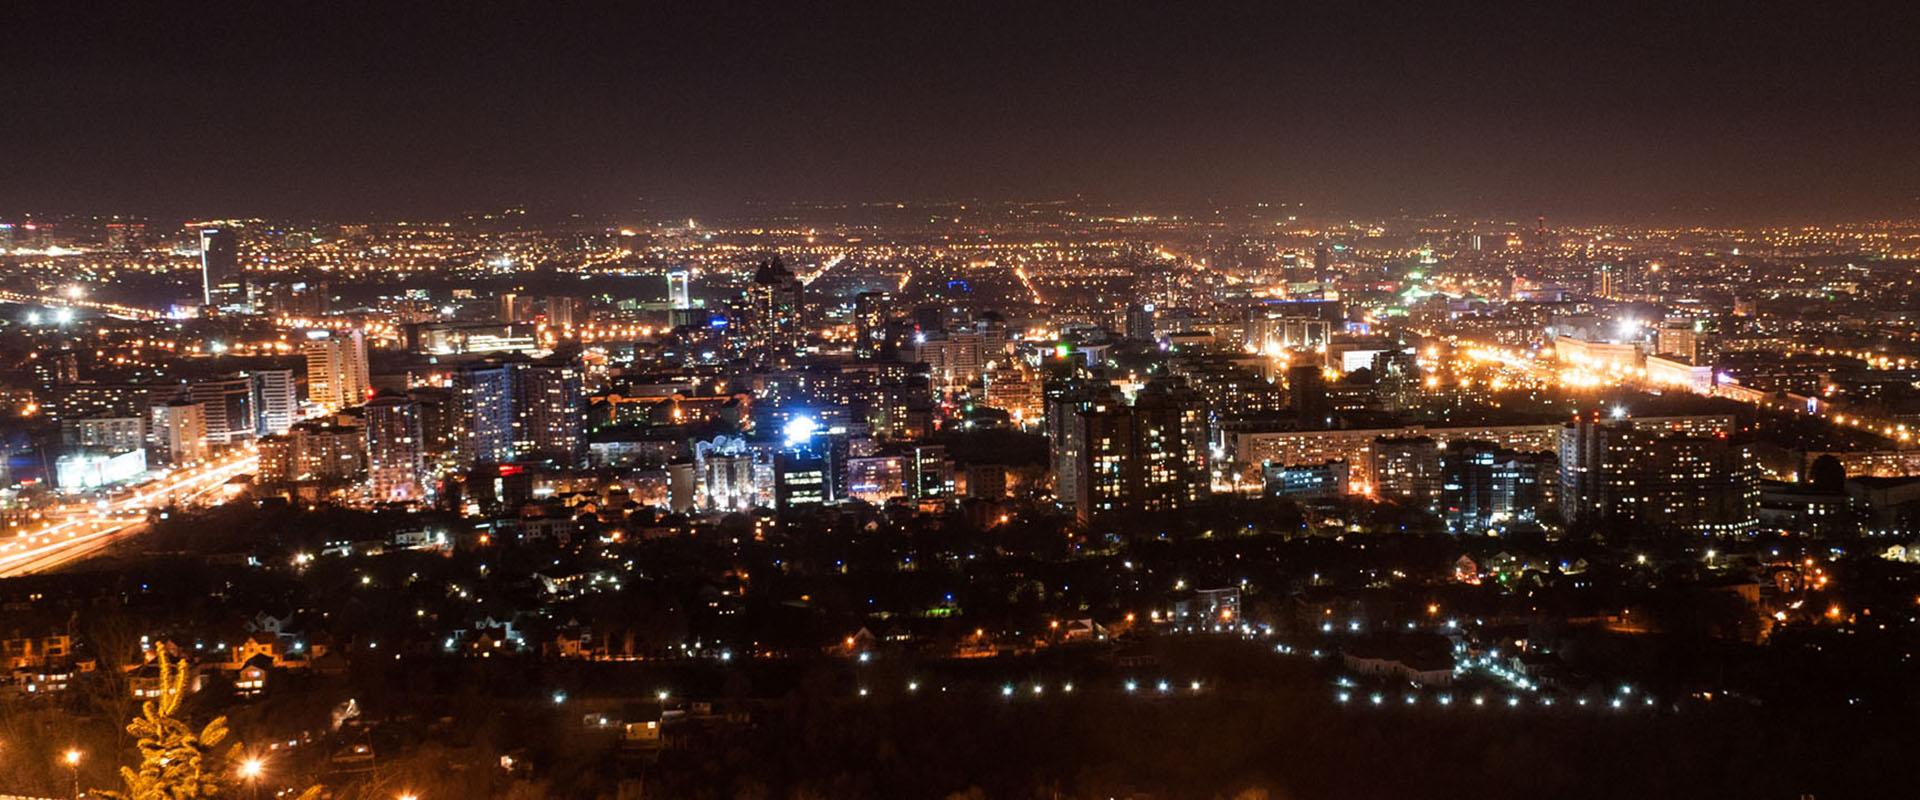 Bannière de Almaty, de l'insolite et des grands espaces